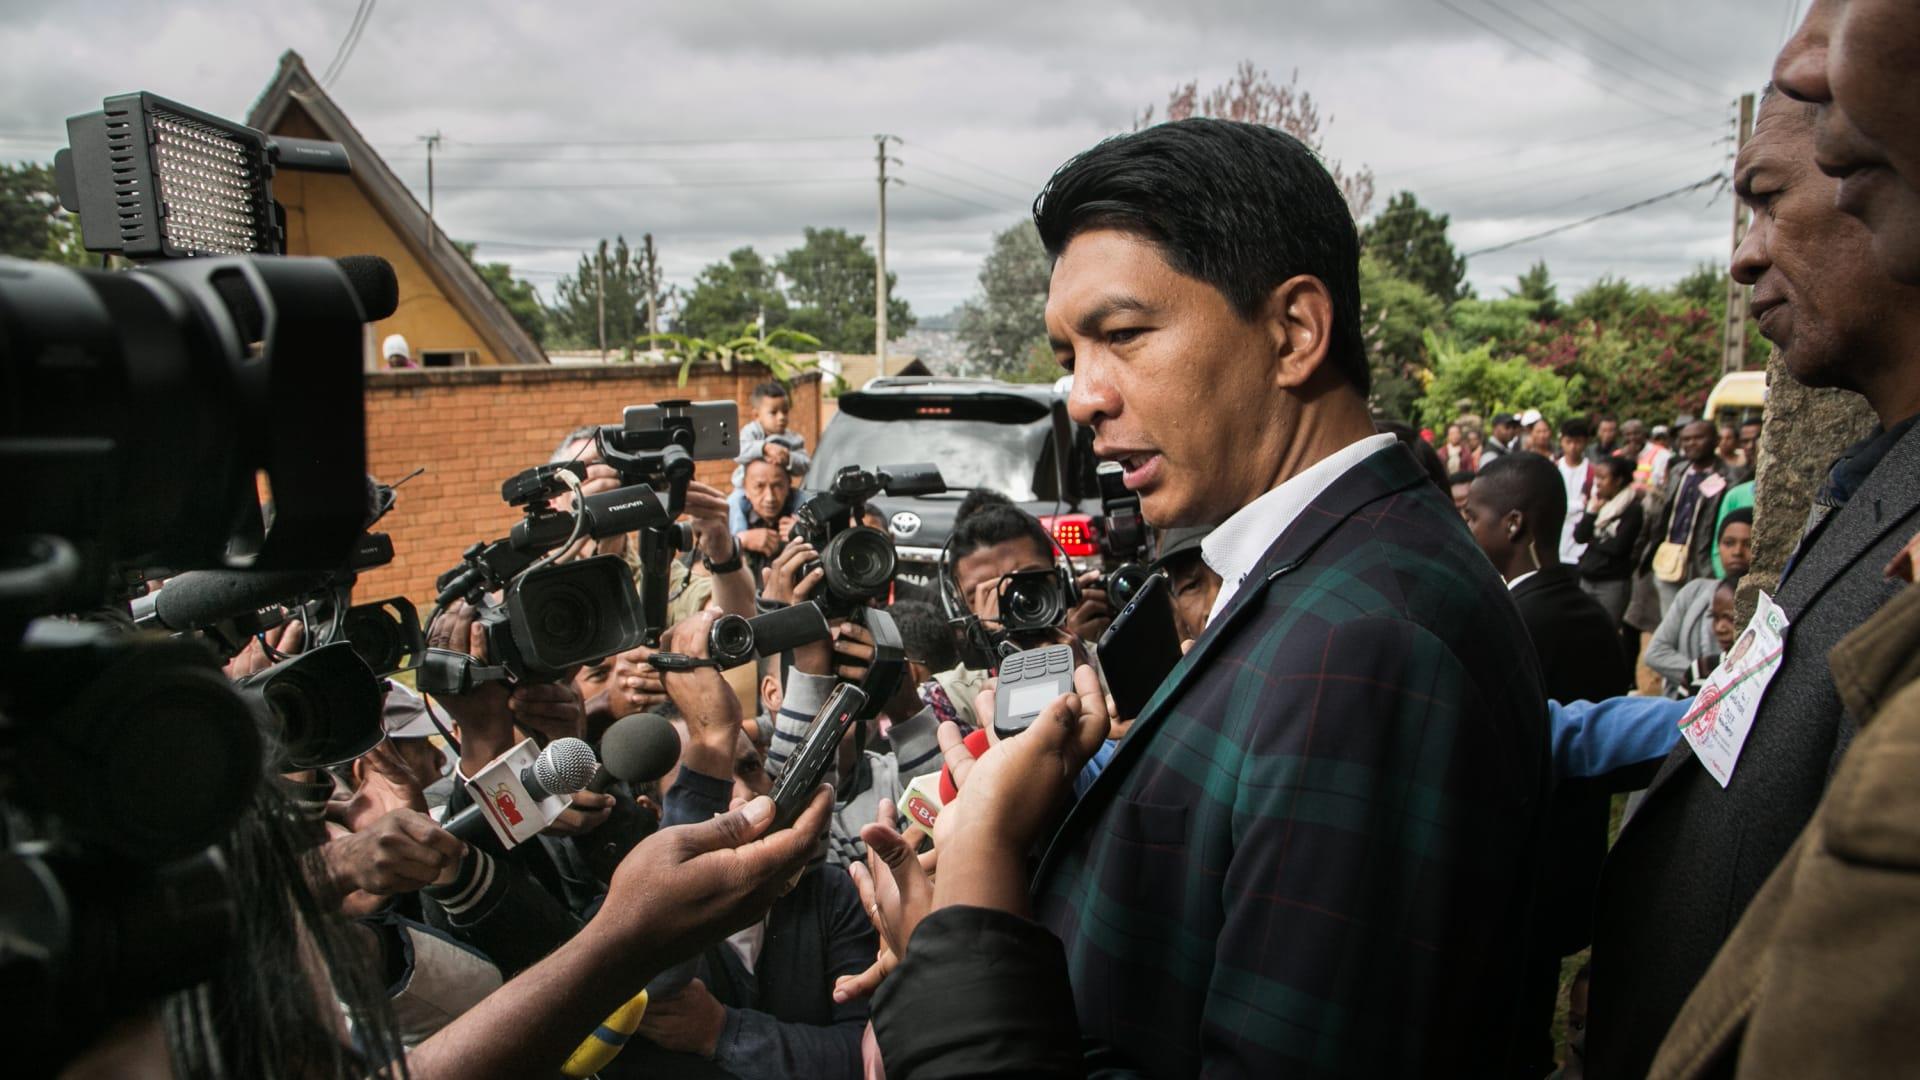 """تداول صورة رئيس مدغشقر في المدرجات.. ومغردون يبدون إعجابهم بالزعيم """"الشاب"""""""